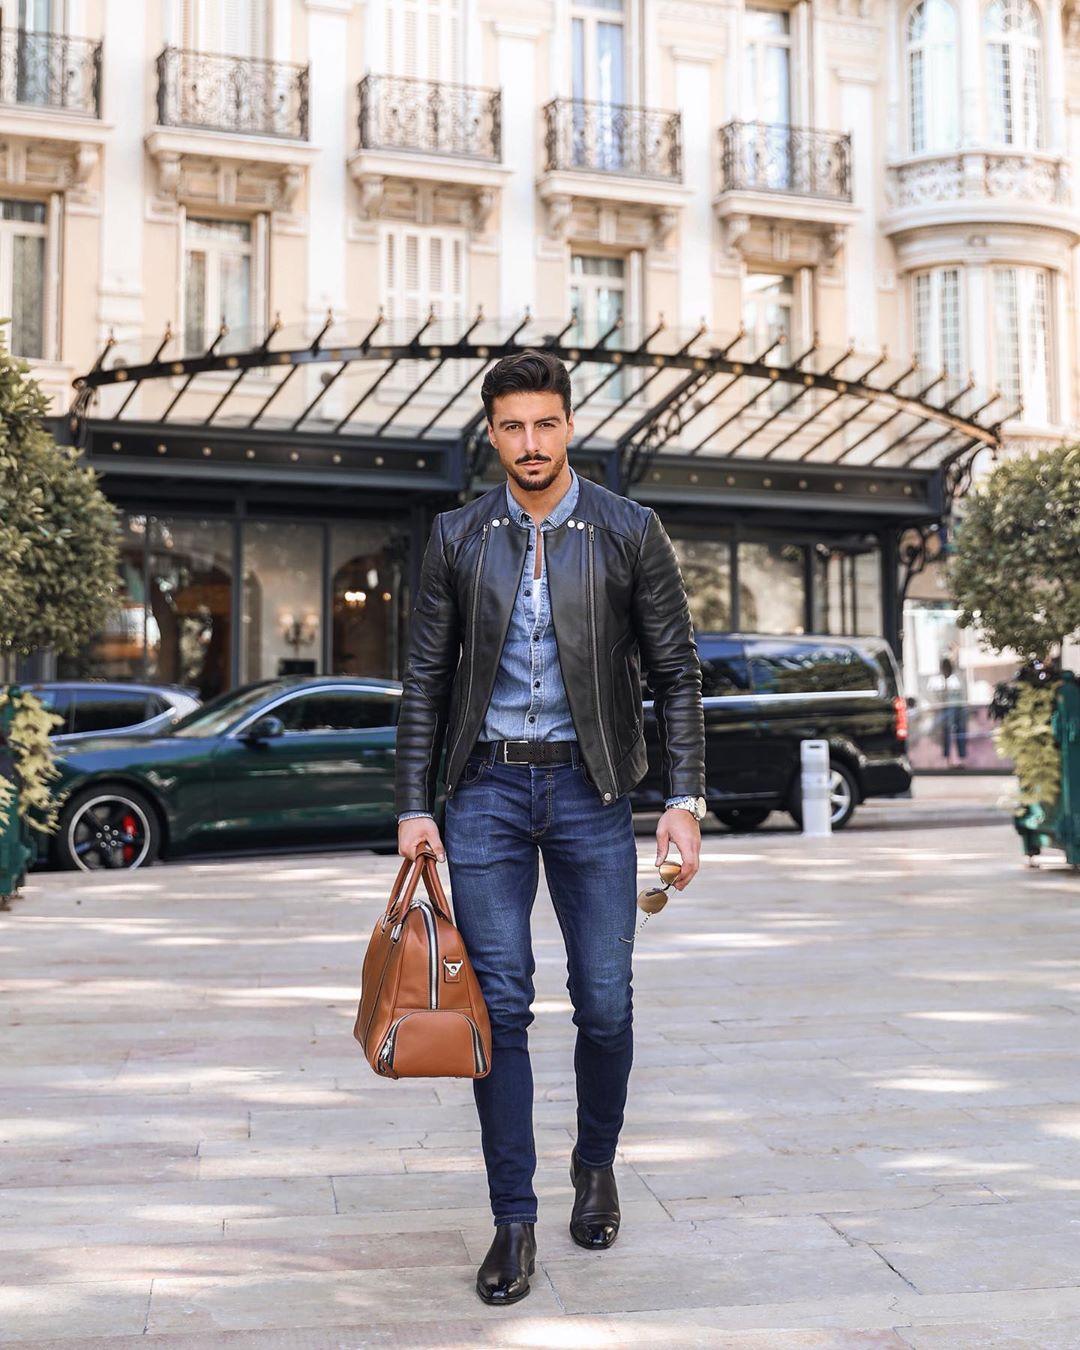 Vừa bảnh vừa chất với 7 cách phối đồ nam cùng quần jeans cá tính